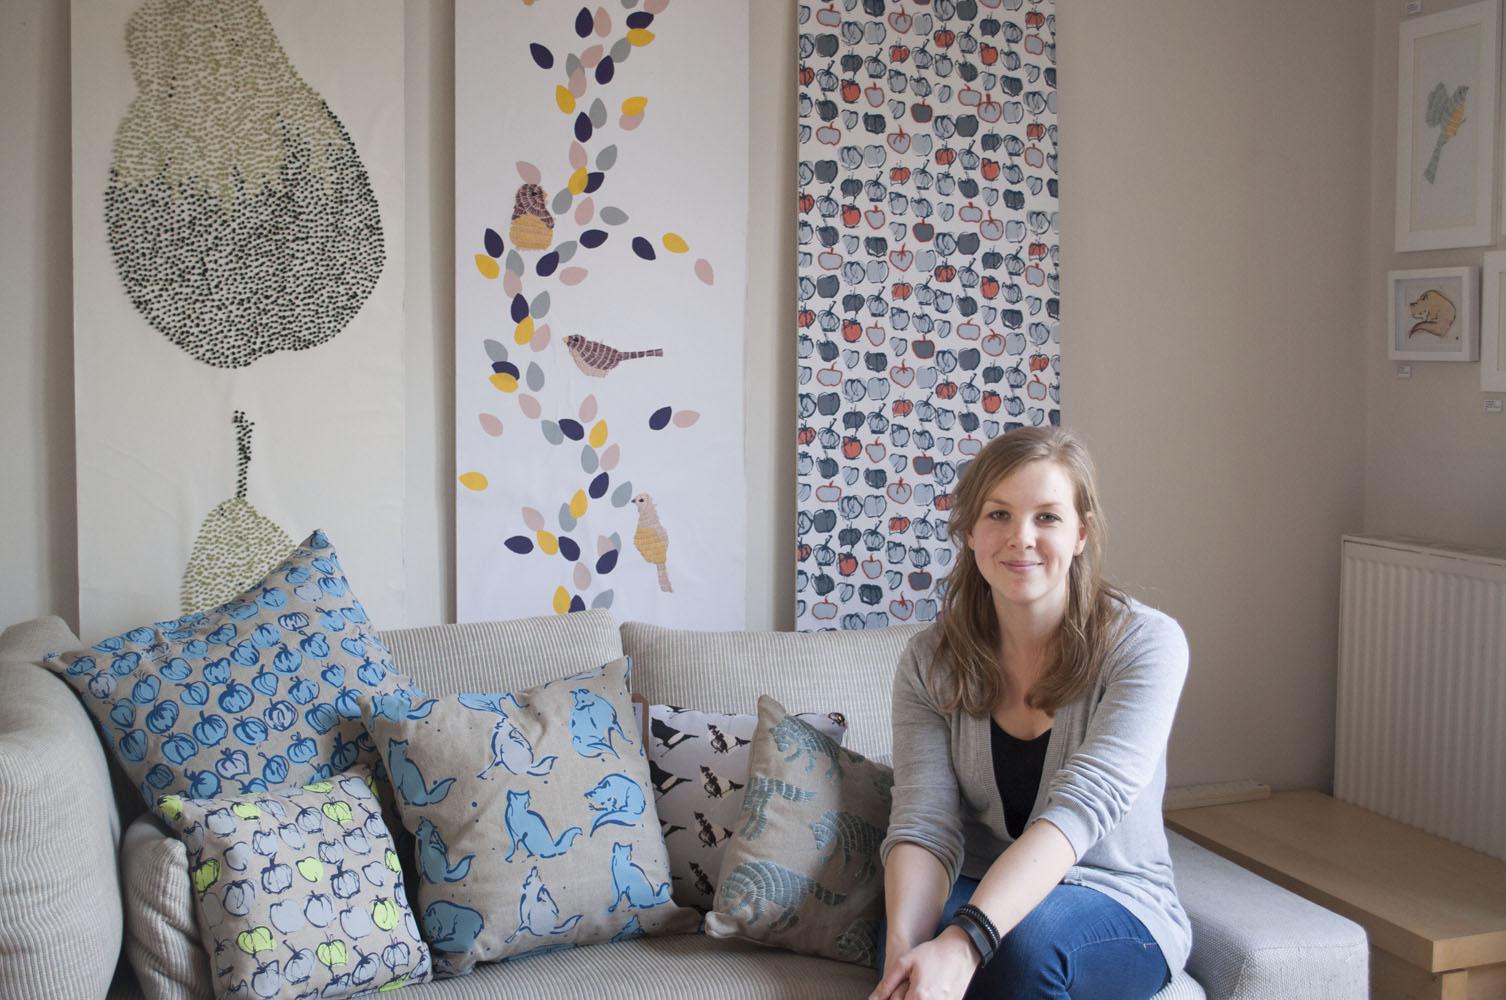 BA Hons Textiles graduate winner of the Homebase Wallpaper Design 1506x1000